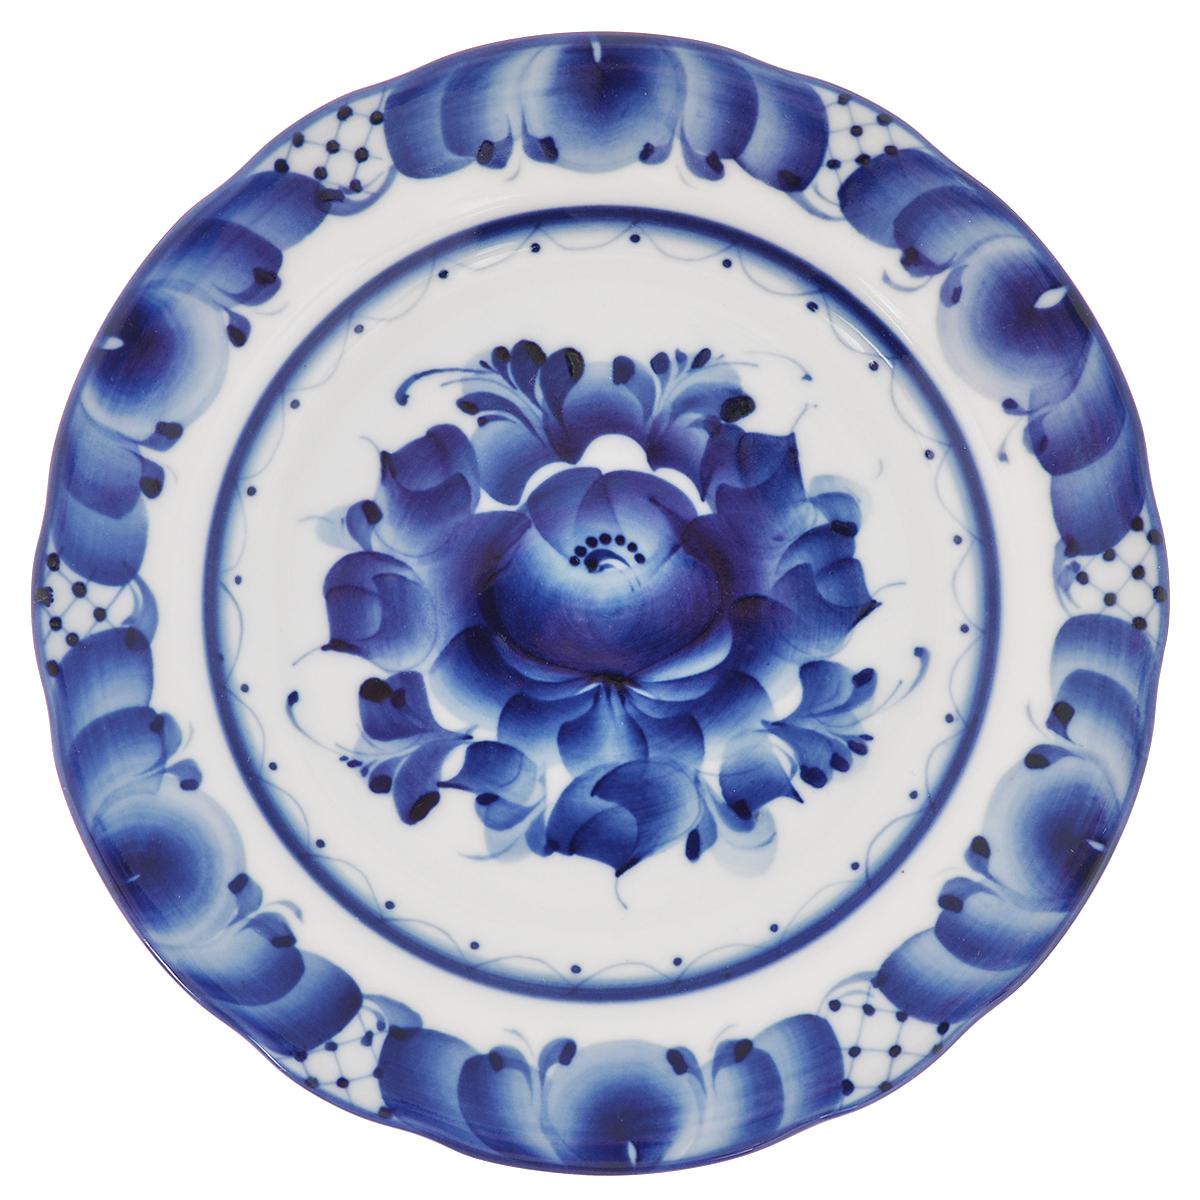 Тарелка для пирожков Дубок, диаметр 17,5 см993026461Тарелка для пирожков Дубок, изготовленная из высококачественной керамики, предназначена для красивой сервировки стола. Тарелка оформлена оригинальной гжельской росписью. Прекрасный дизайн изделия идеально подойдет для сервировки стола. Обращаем ваше внимание, что роспись на изделиях сделана вручную. Рисунок может немного отличаться от изображения на фотографии. Диаметр: 17,5 см. Высота тарелки: 2 см.